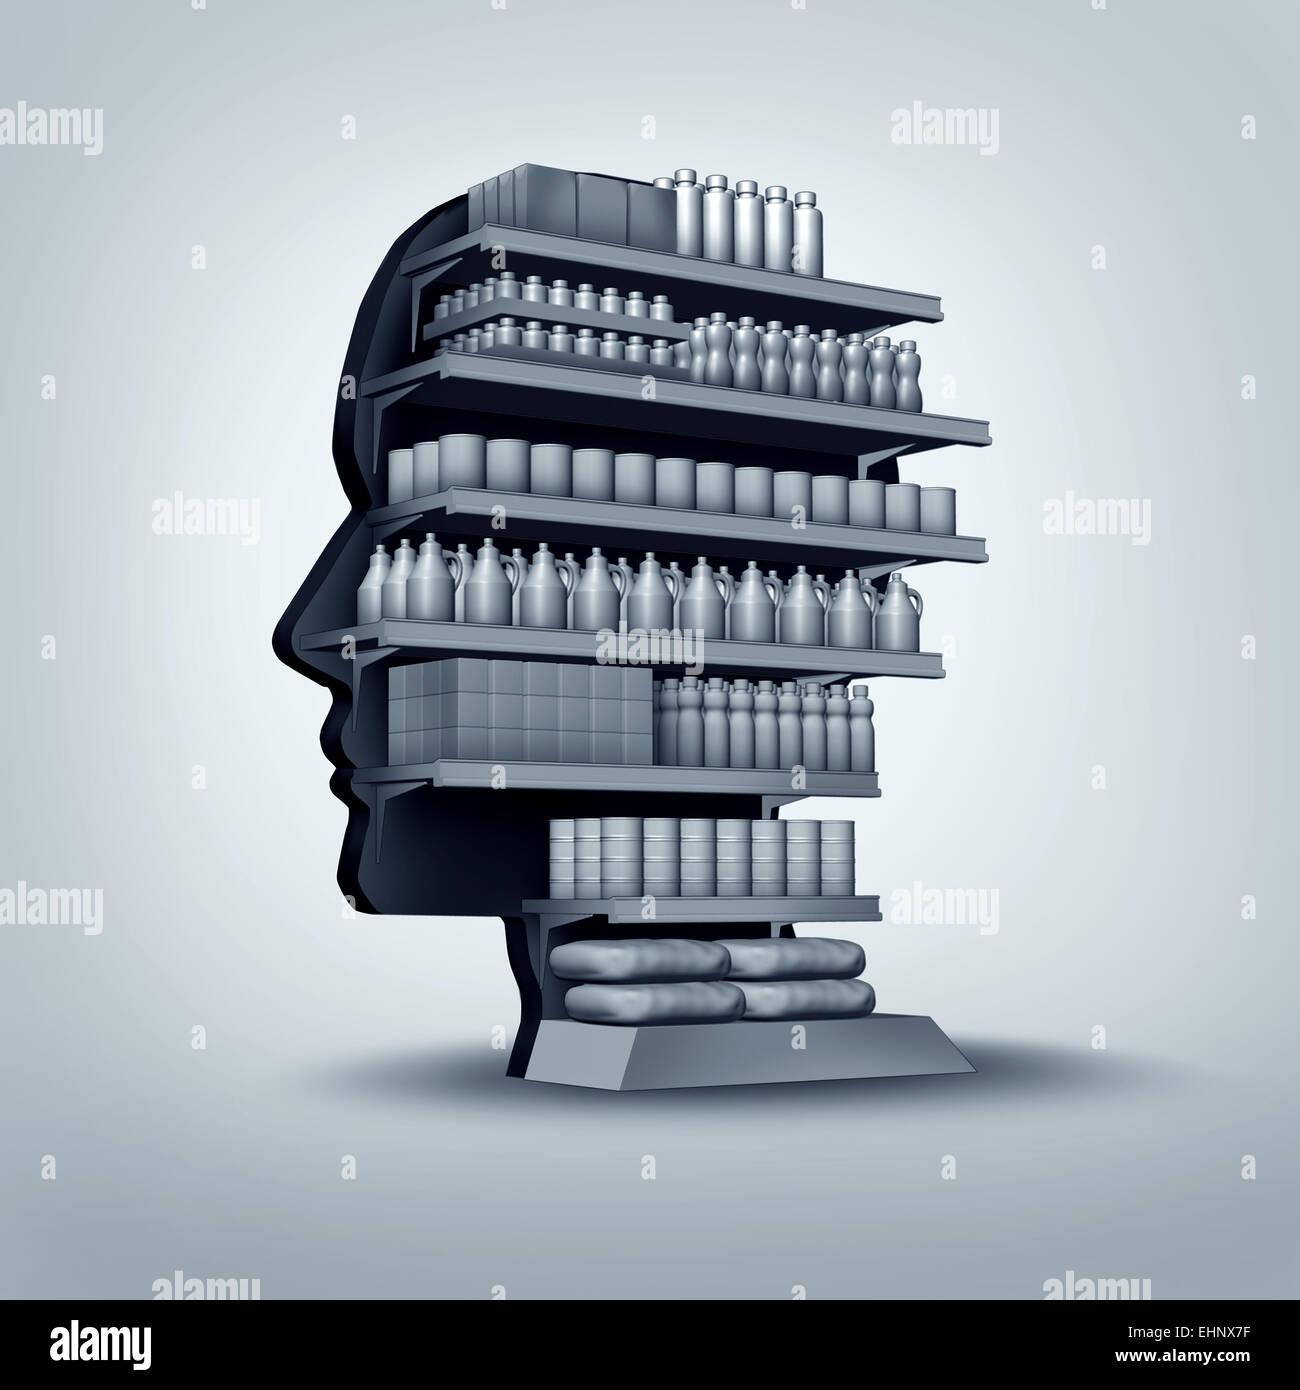 Consumatori e clienti nozione come un negozio scaffalatura conformata come una testa umana con prodotti generici Immagini Stock